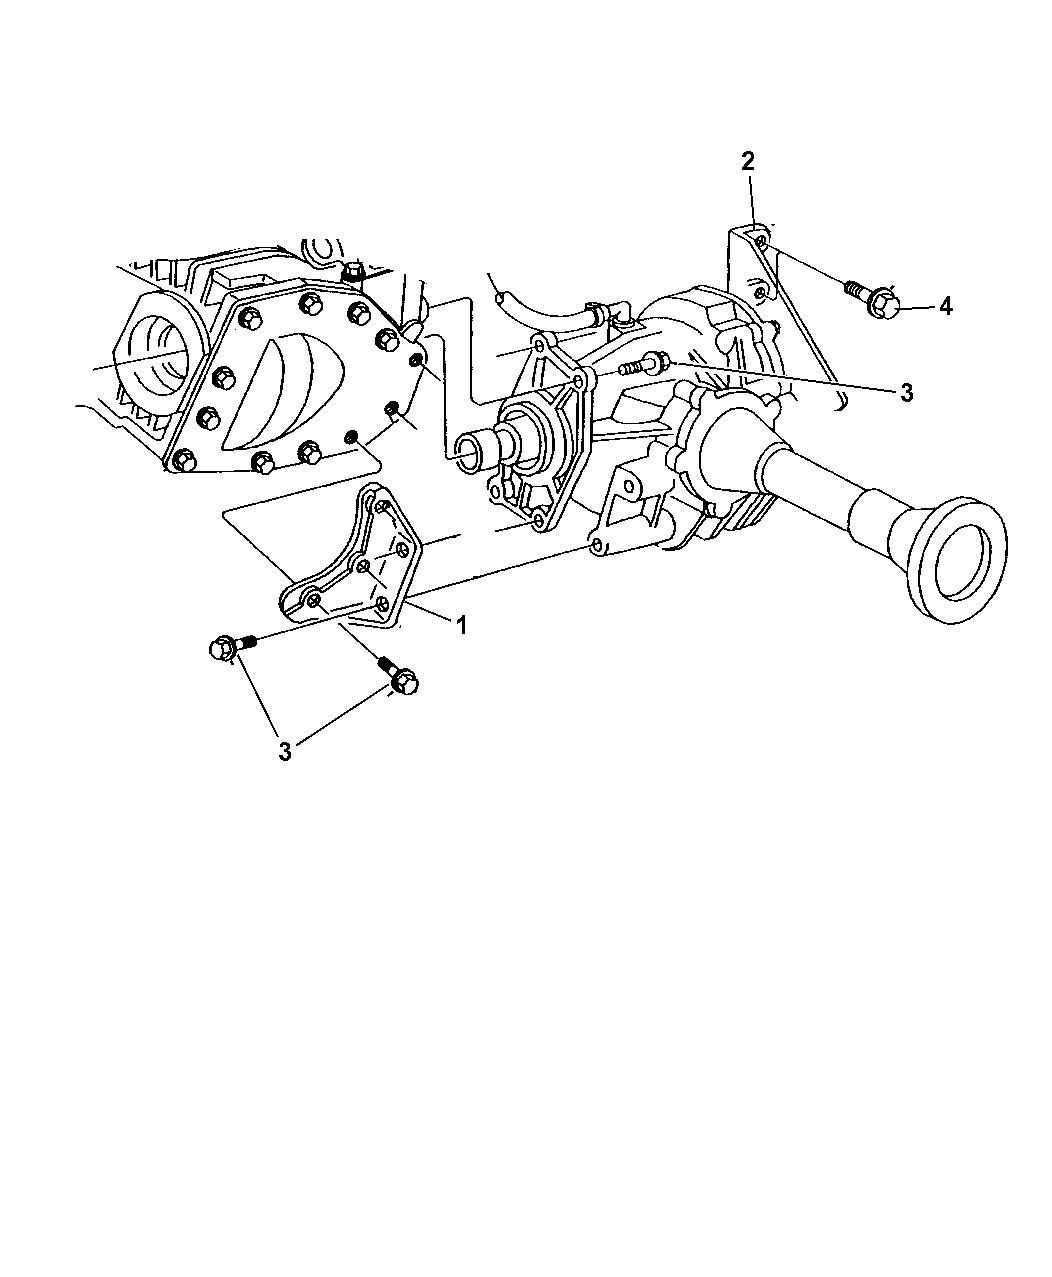 2003 Dodge Grand Caravan Engine Diagram - Cars Wiring Diagram